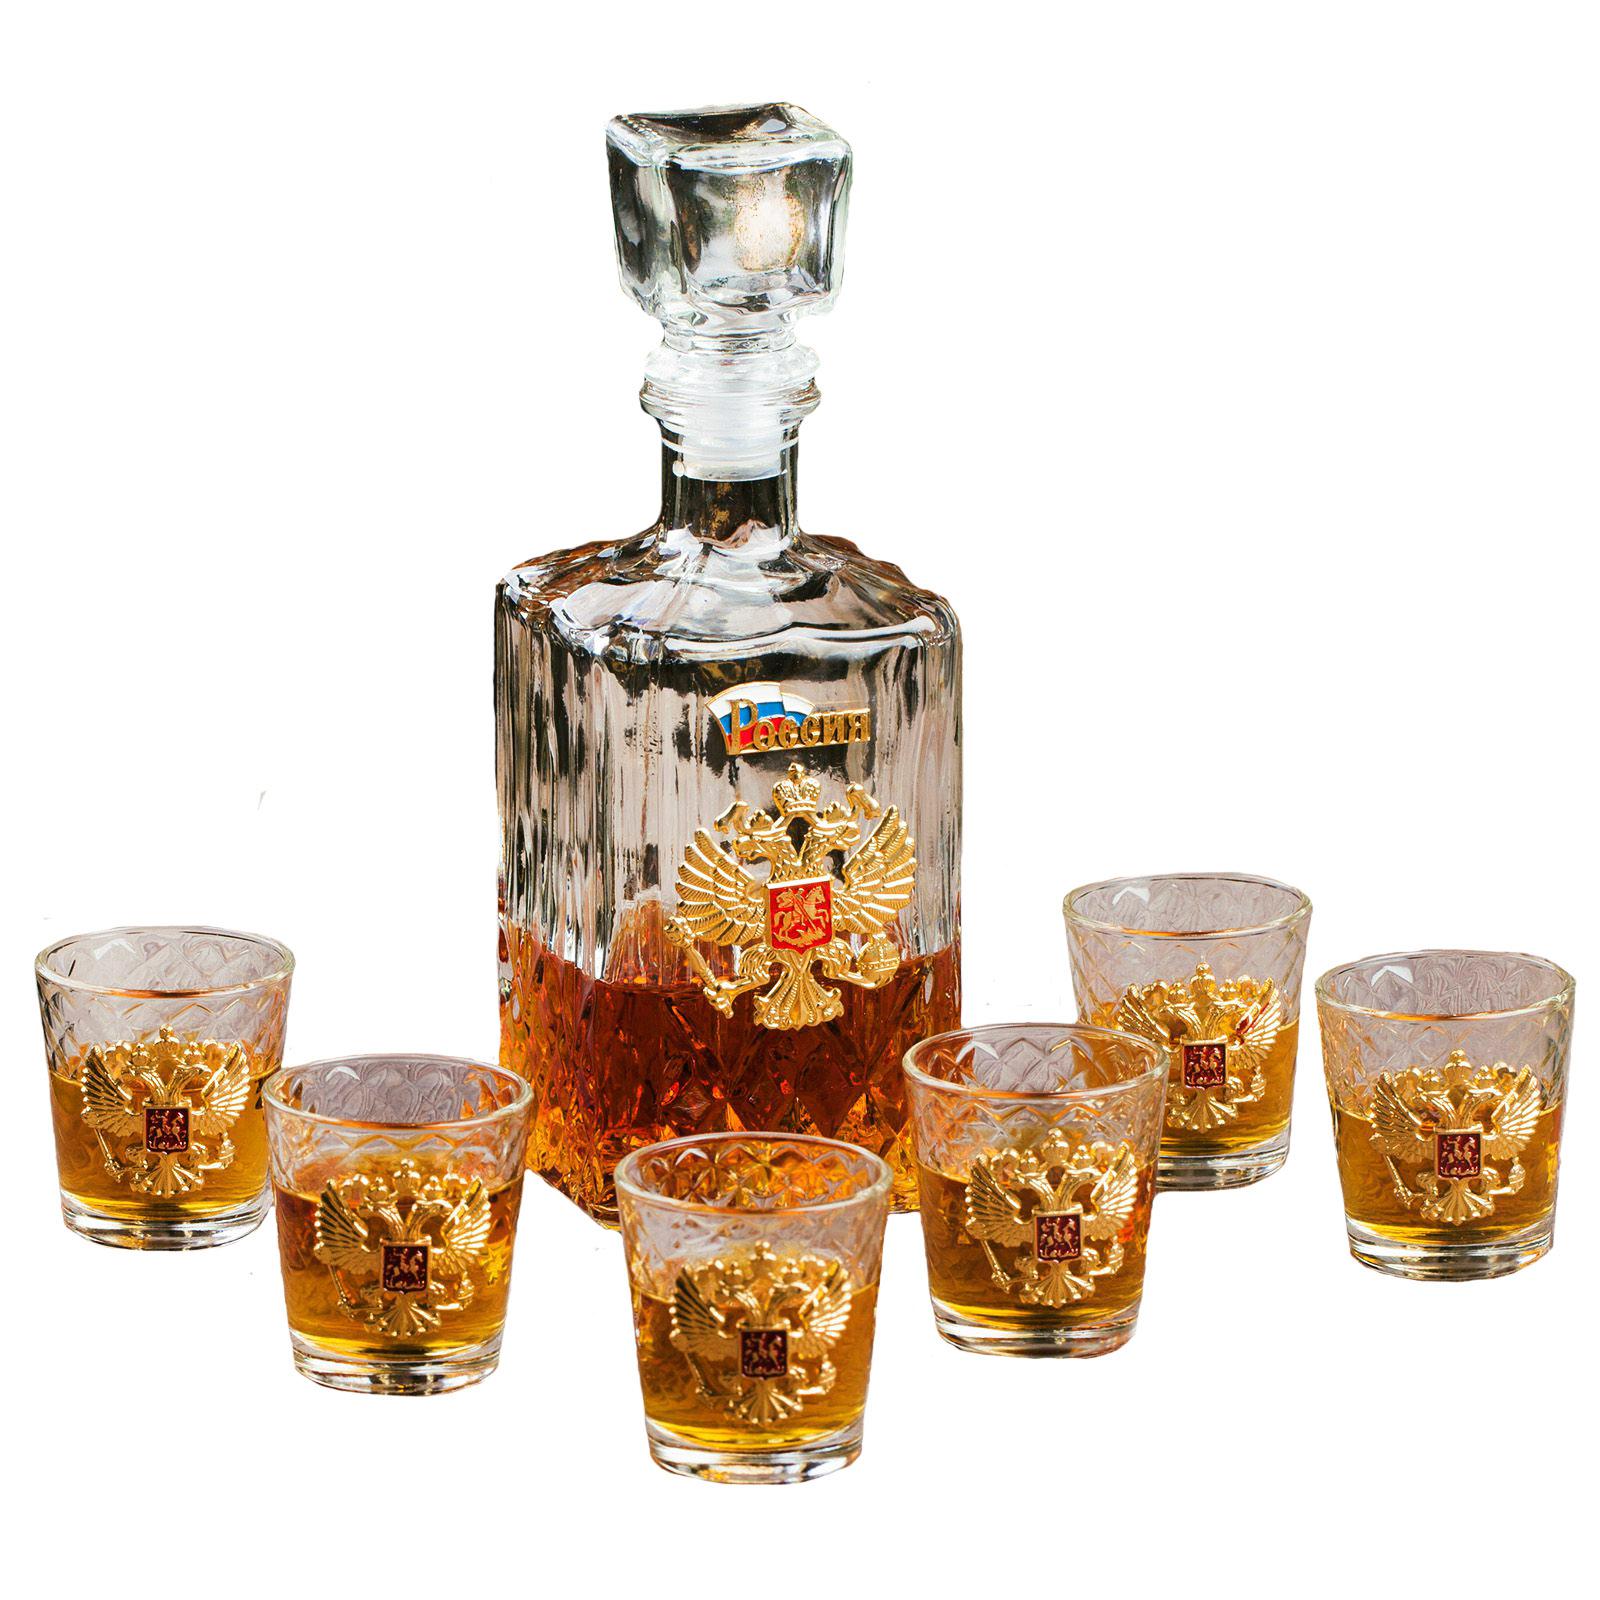 Купить наборы для алкоголя в Коломне